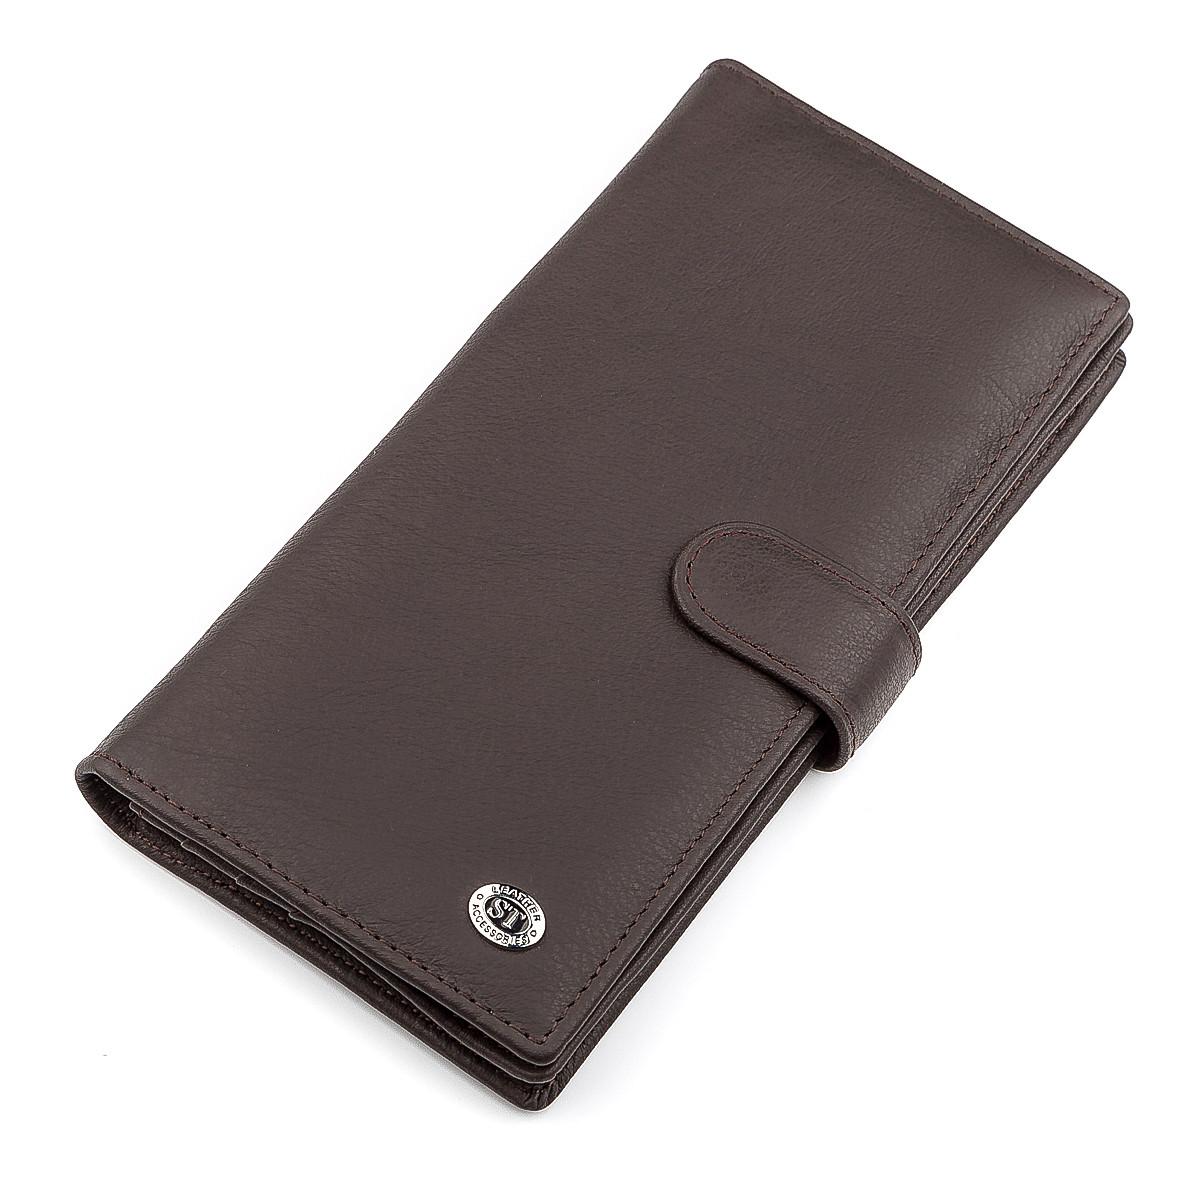 Мужской купюрник ST Leather 18366 (ST147) из натуральной кожи Коричневый